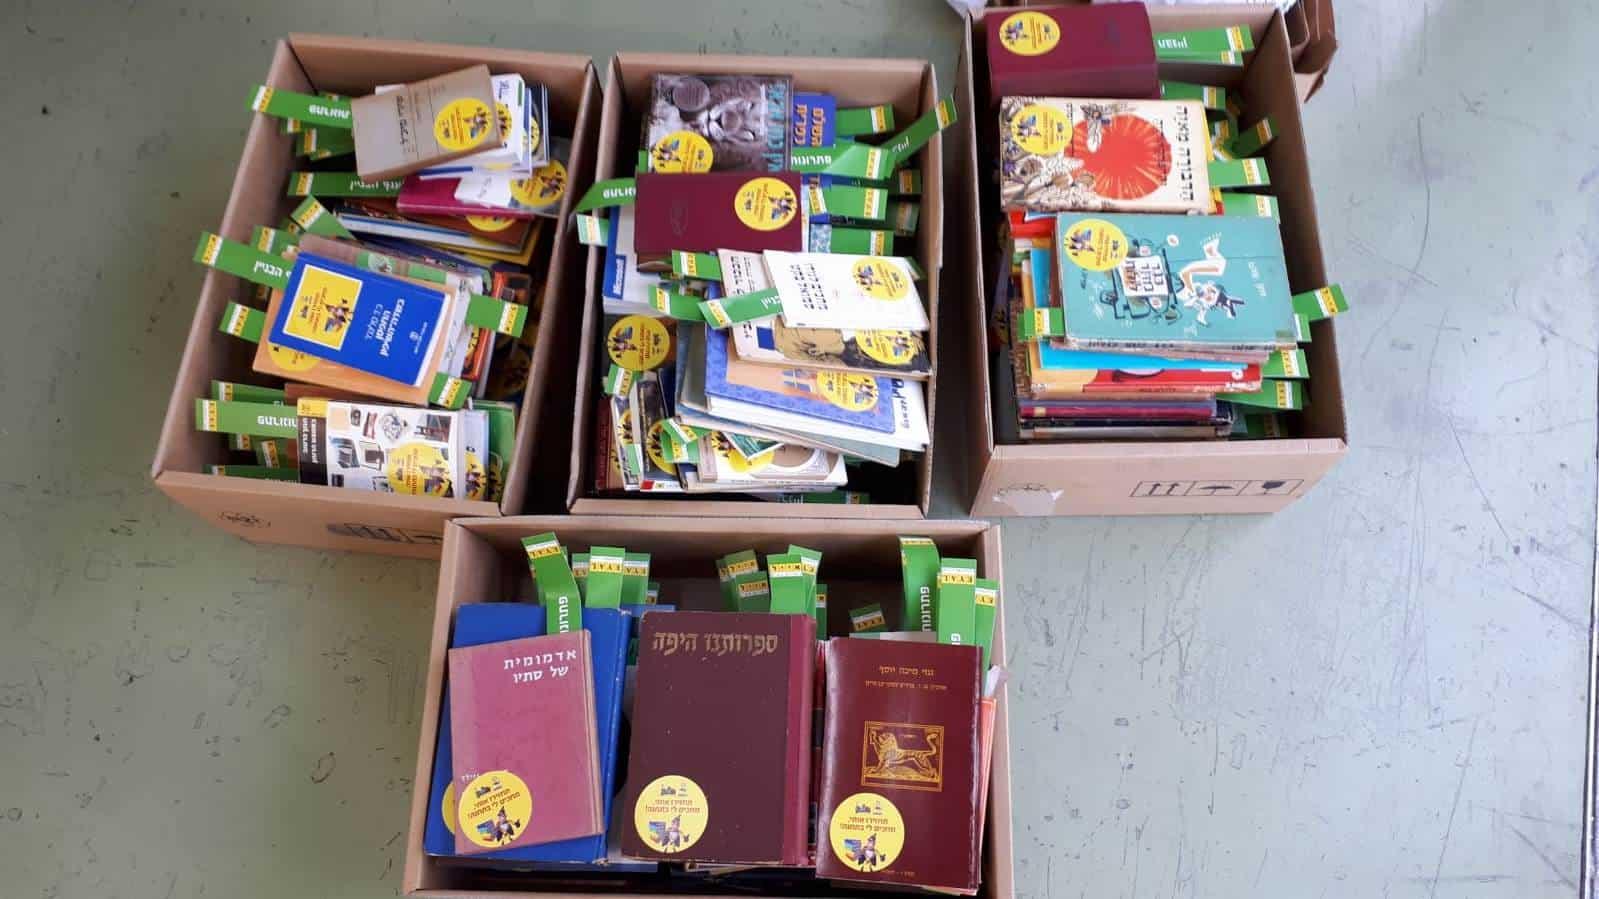 תרומת ספרים לספריות שבתחנות האוטובוסים בחולון, צילום: מוטי קרוטהמר